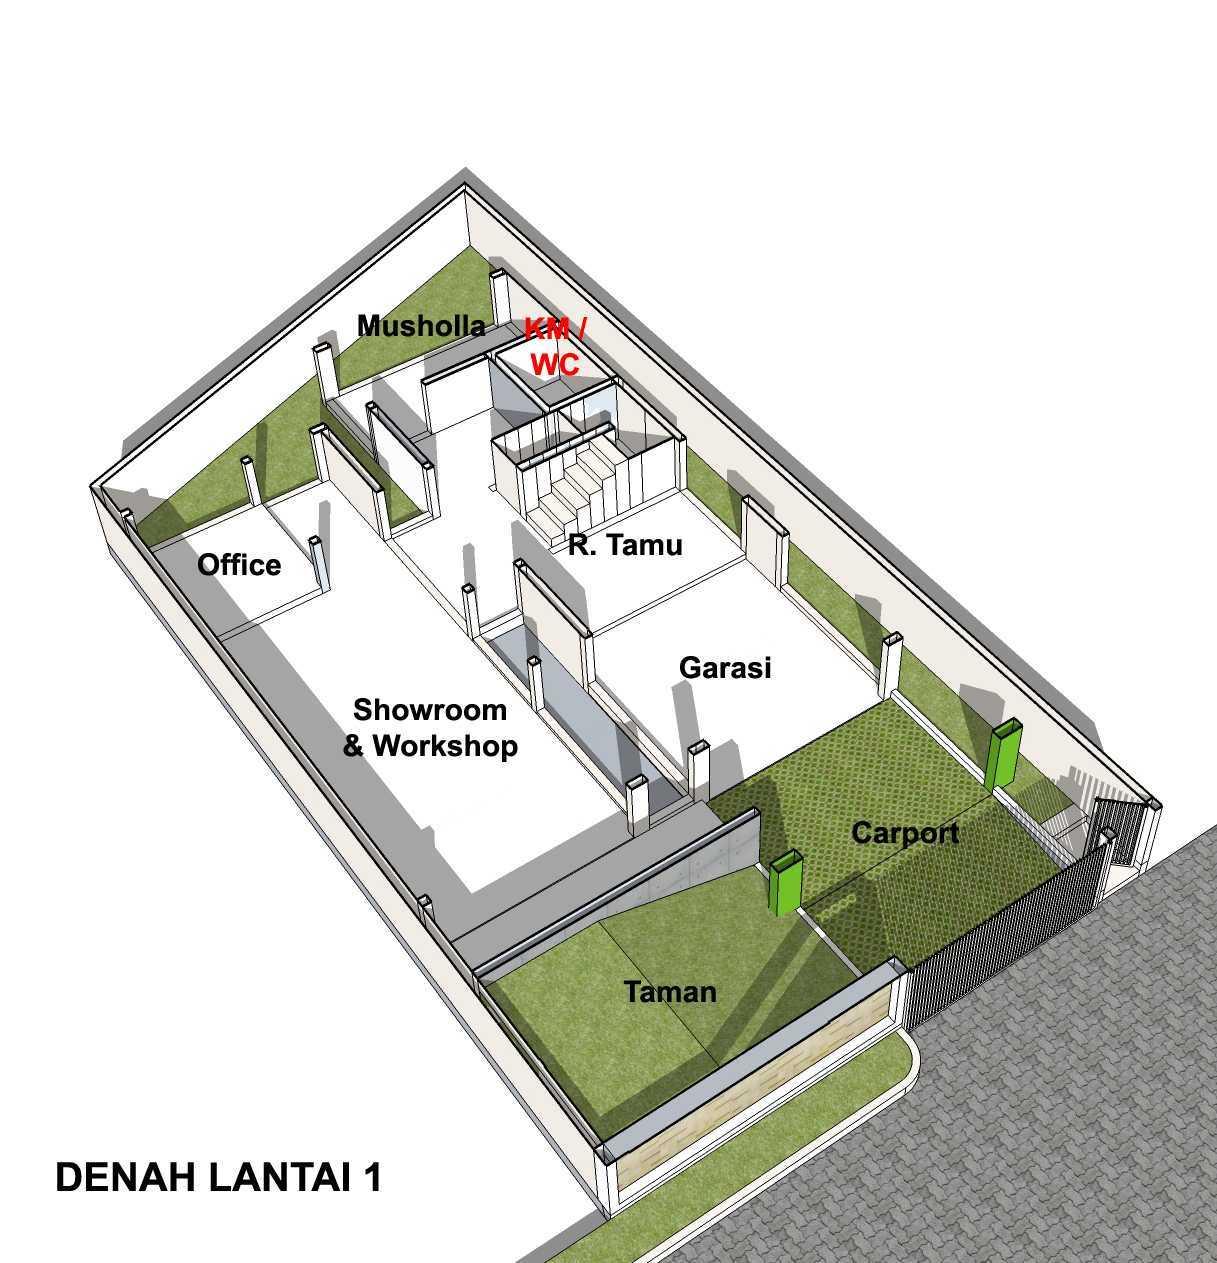 Arsita Studio Architecture Rumah Atap Curam Gresik, Jawa Timur Gresik, Jawa Timur Denah-Lantai-1   20114